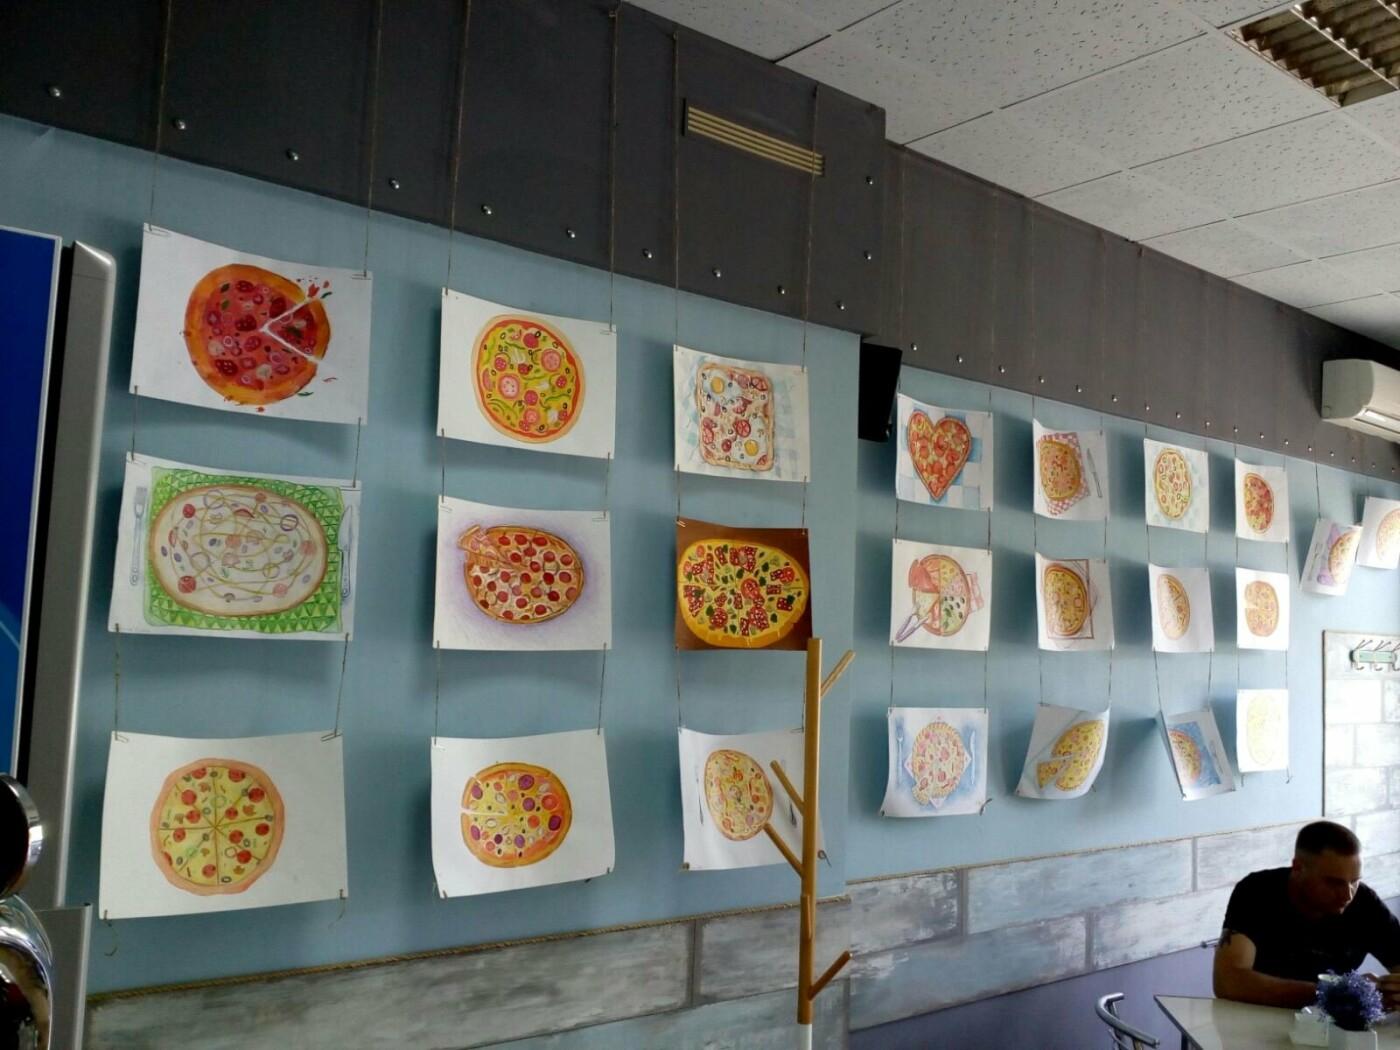 Юные художники Бердянска показали как разнообразно может выглядеть пицца, фото-2